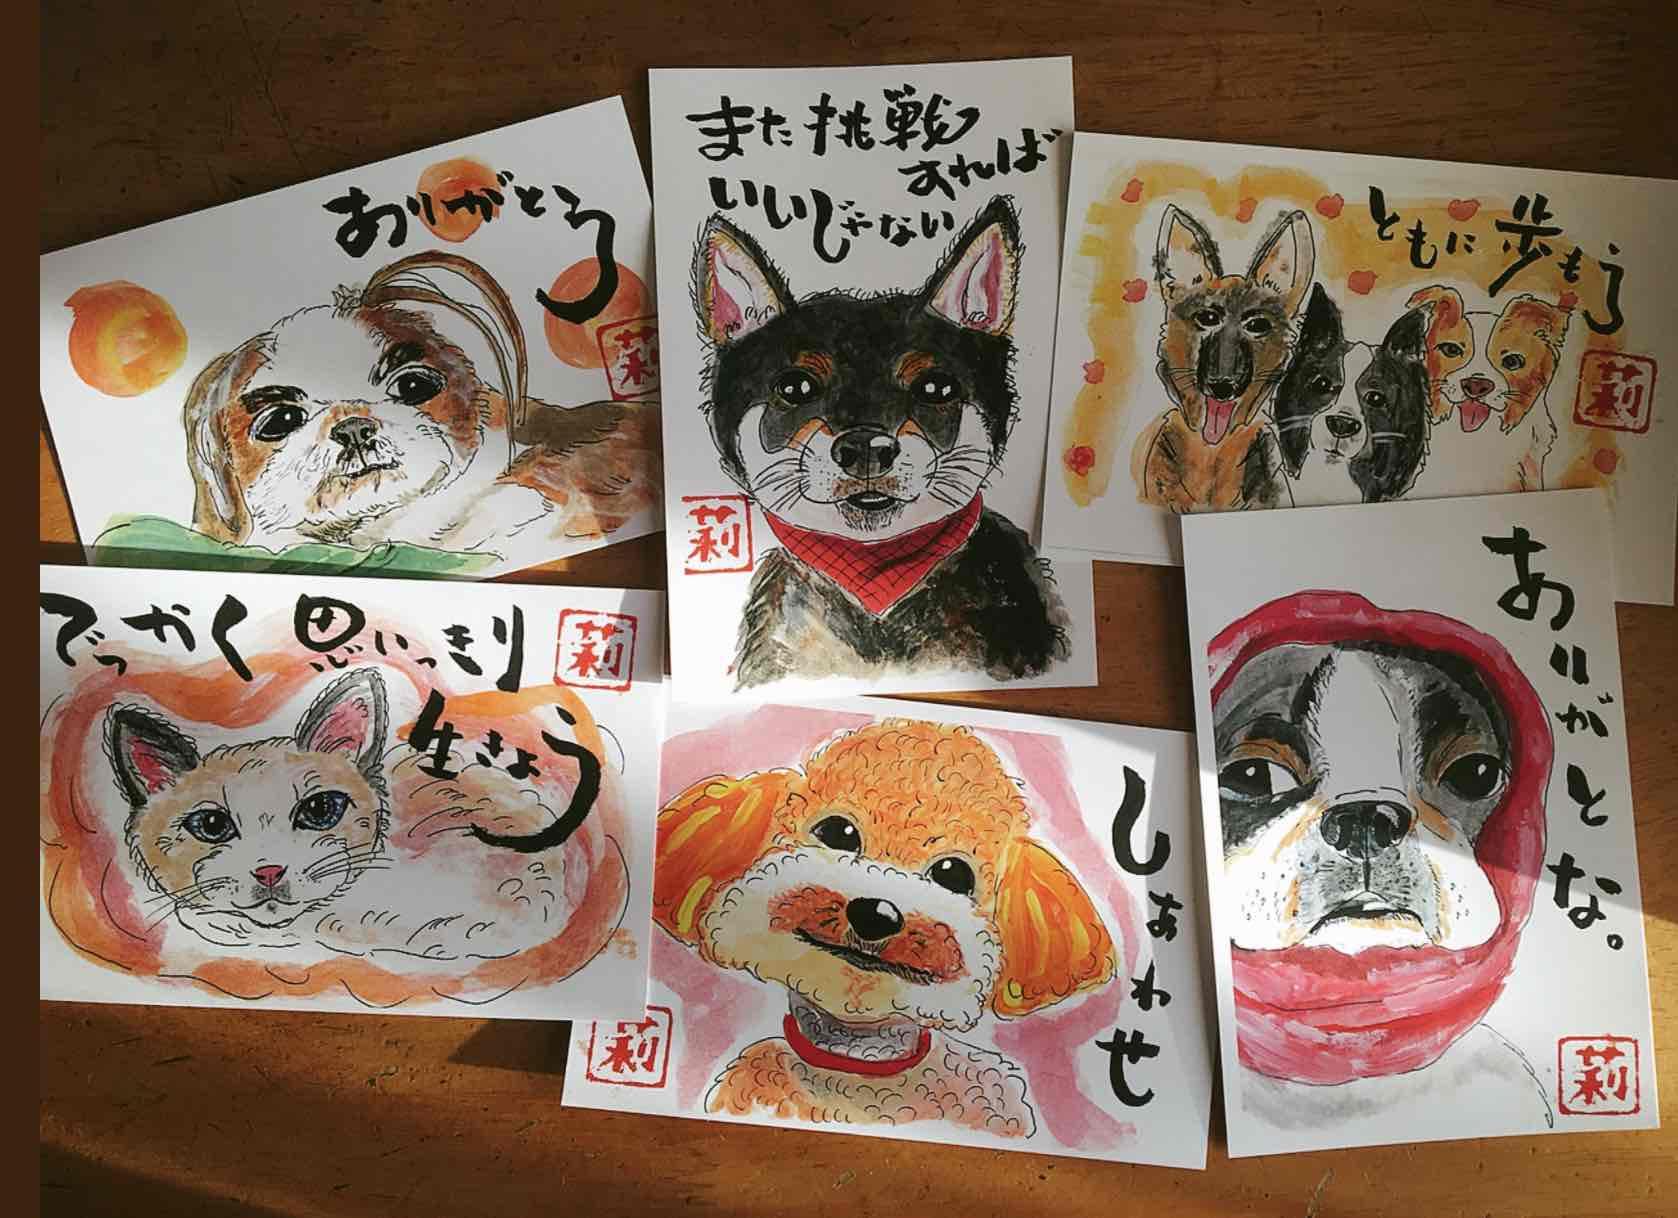 倉持莉々選手がチャリティーイベントで描いた絵の画像